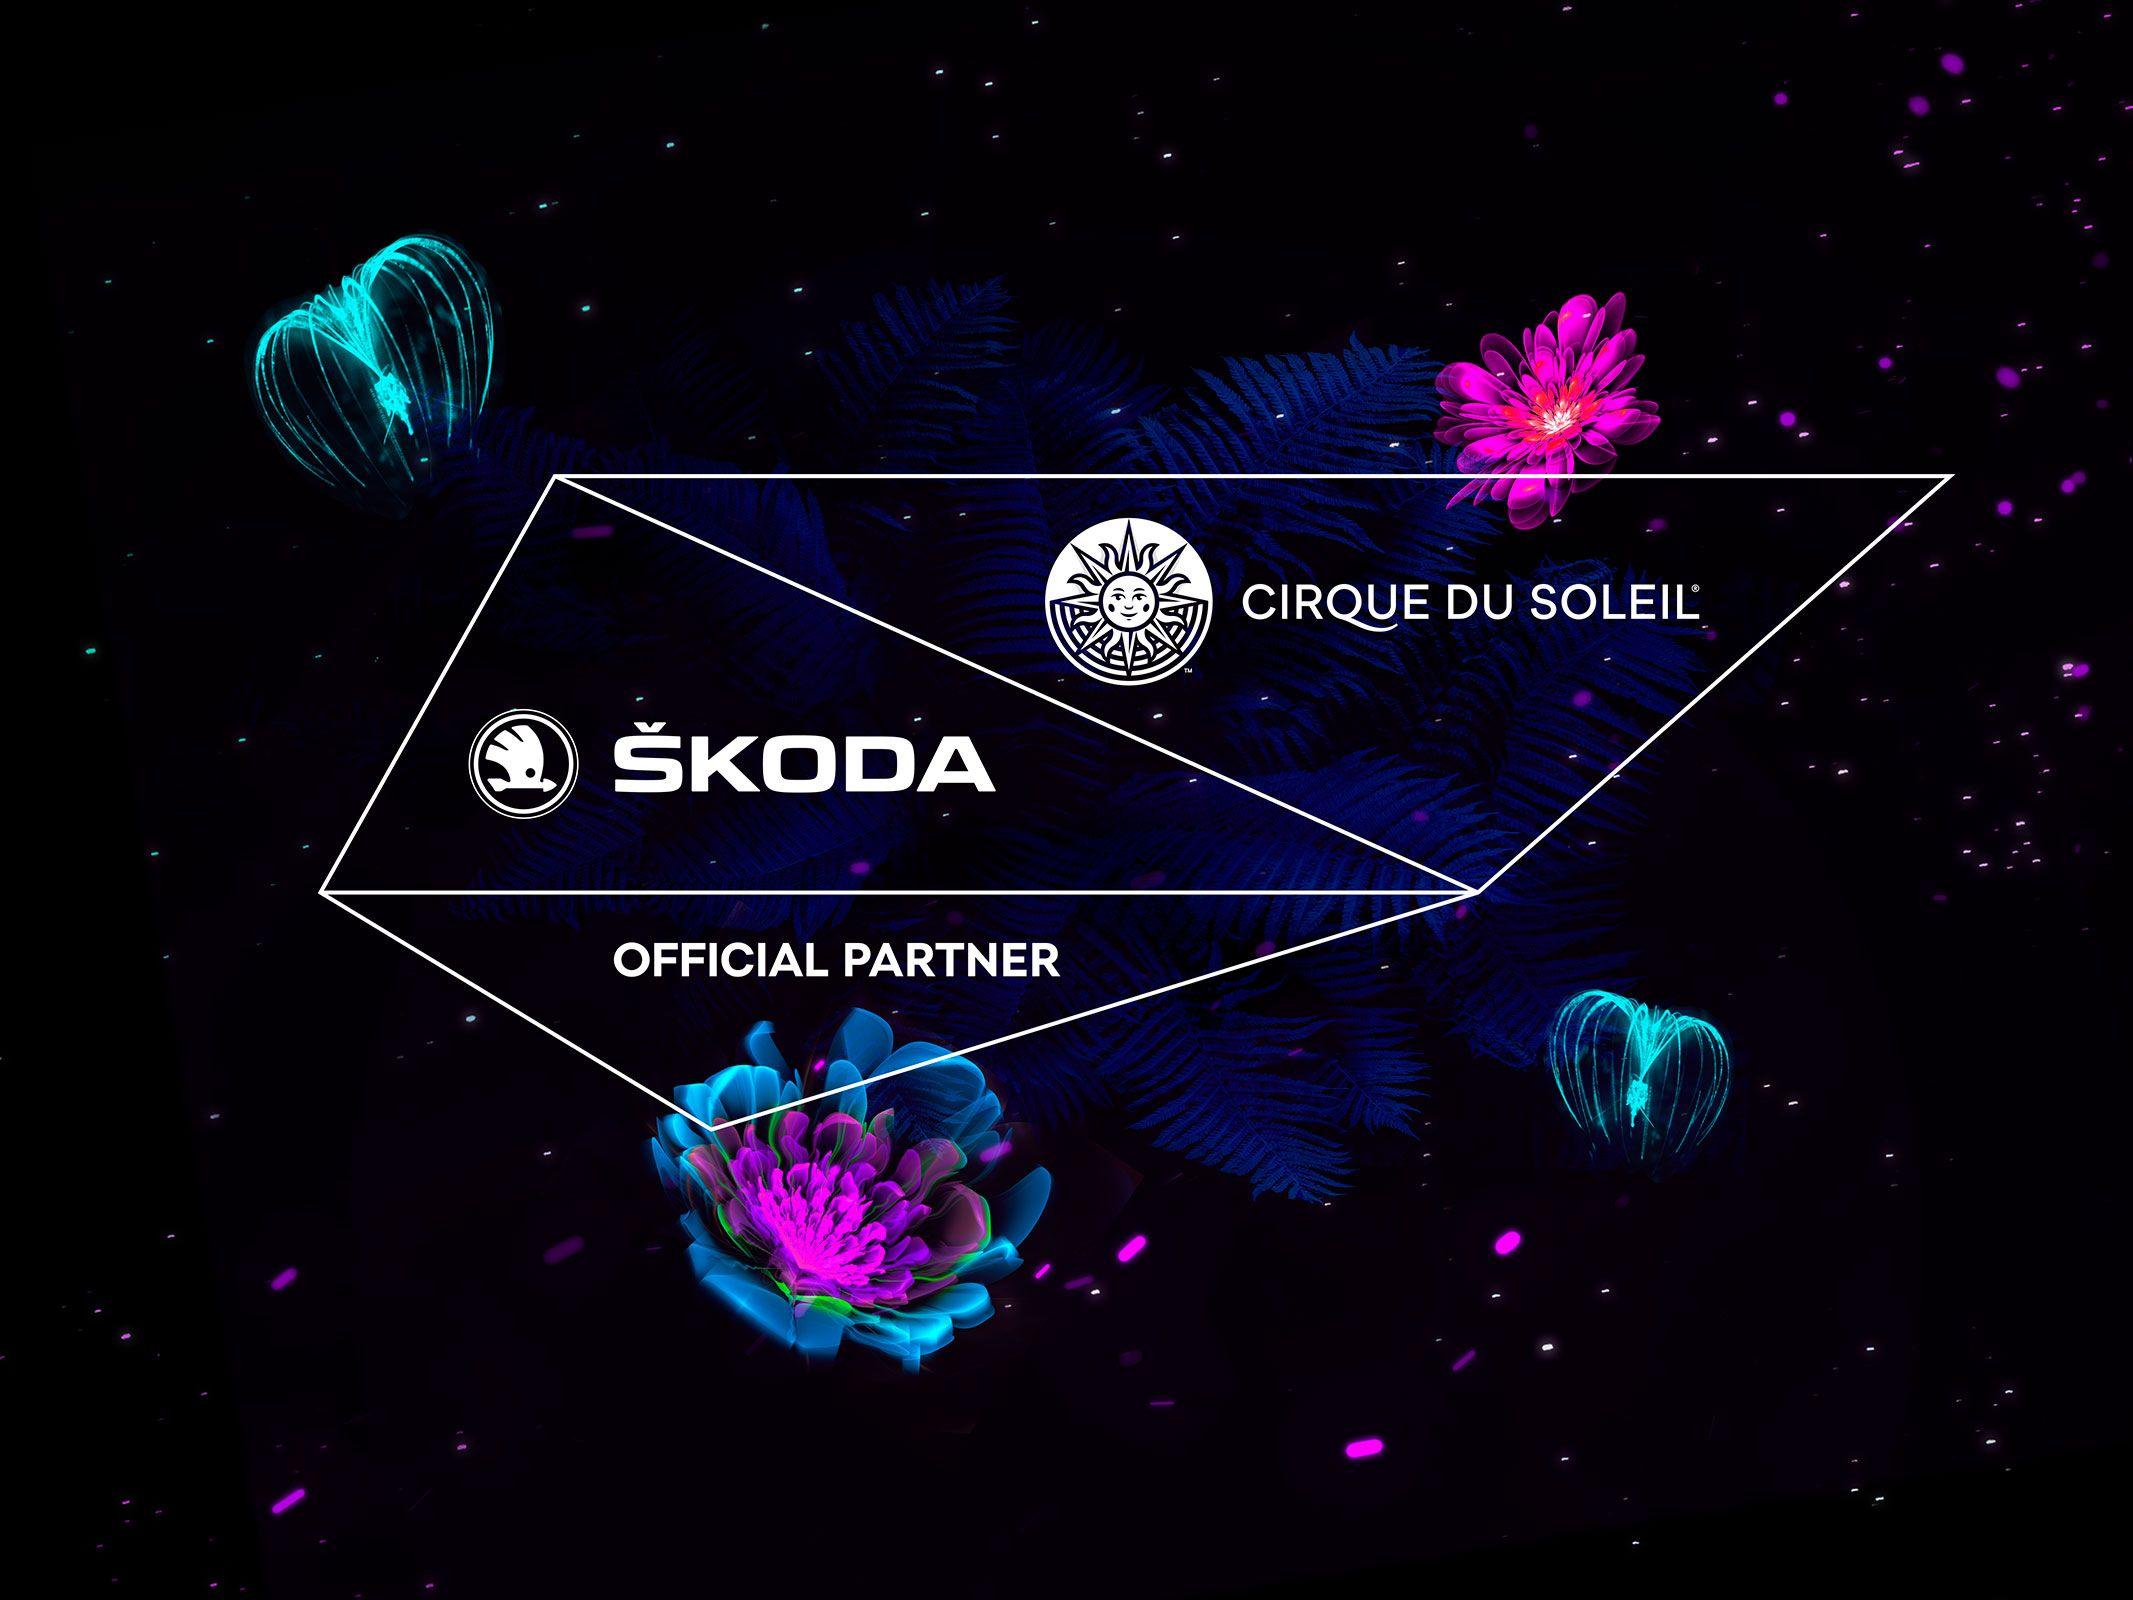 SKODA: Patrocinador oficial del Circo del Sol